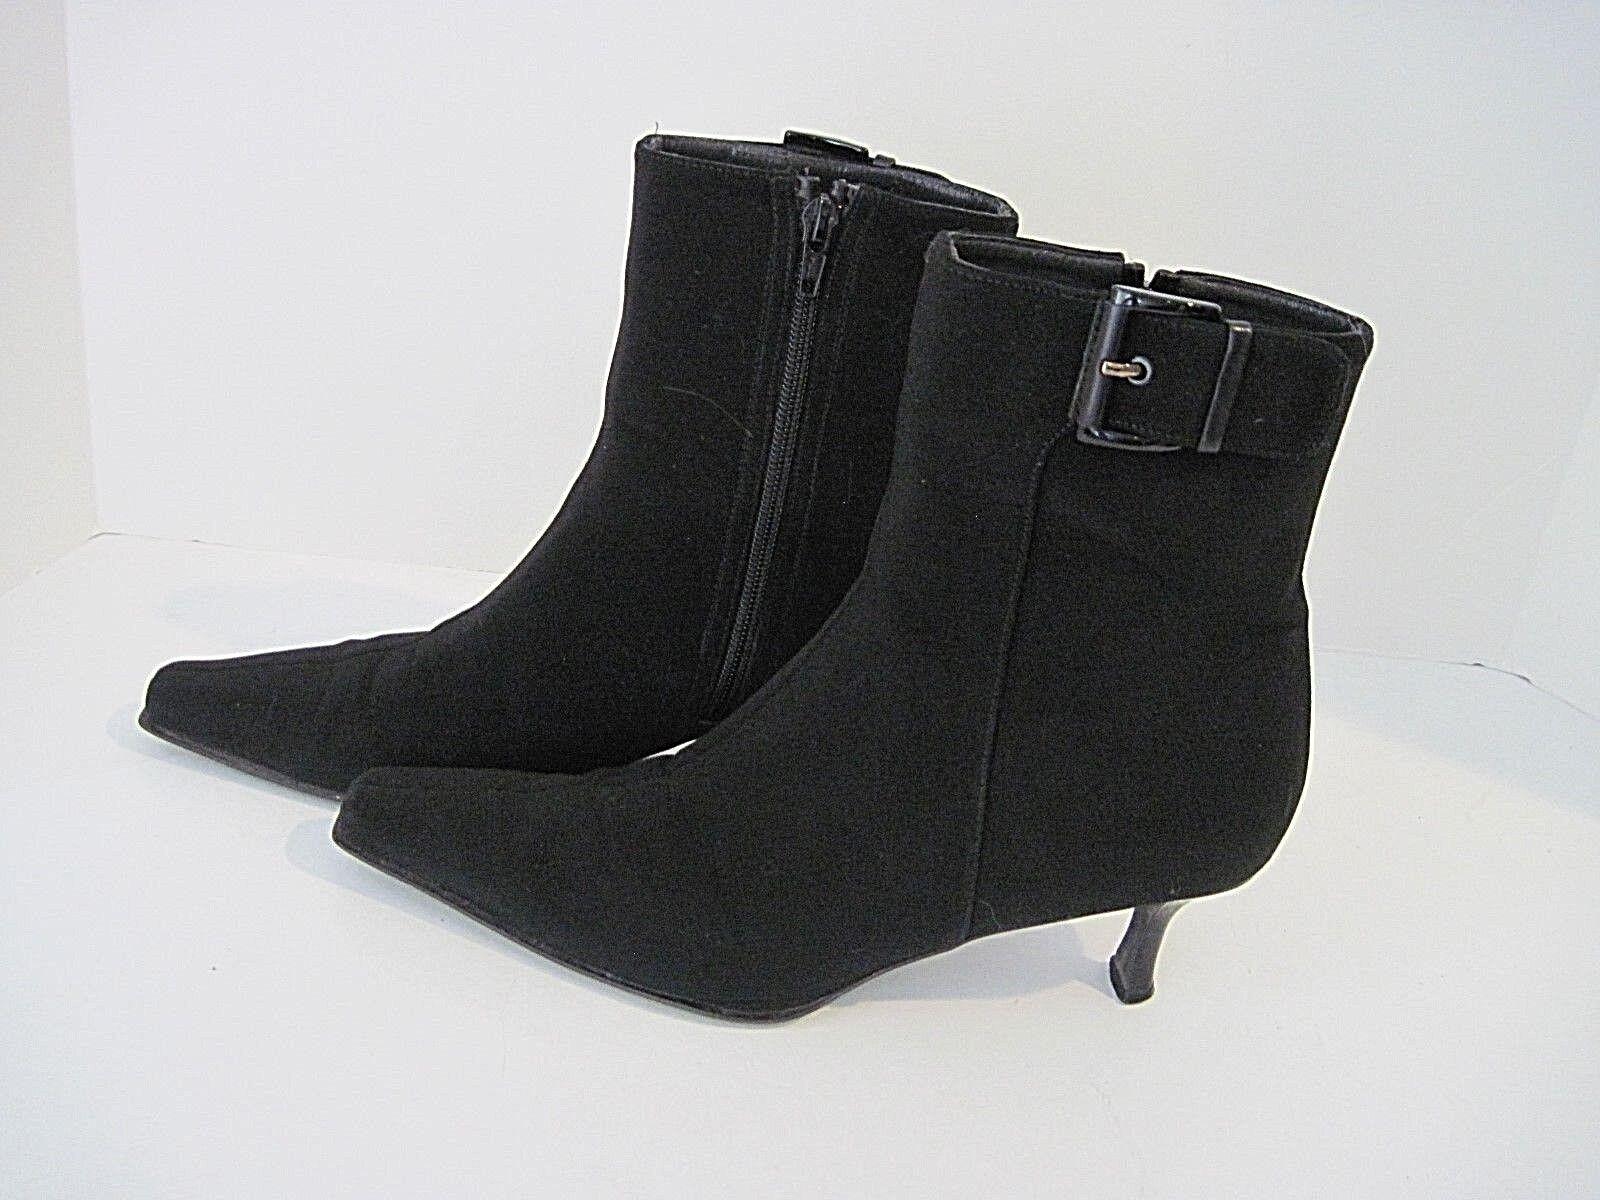 Stuart Weitzman Black Gore Tex Ankle Boots Kitten Heel Buckle Size Zip 8 1/2 M